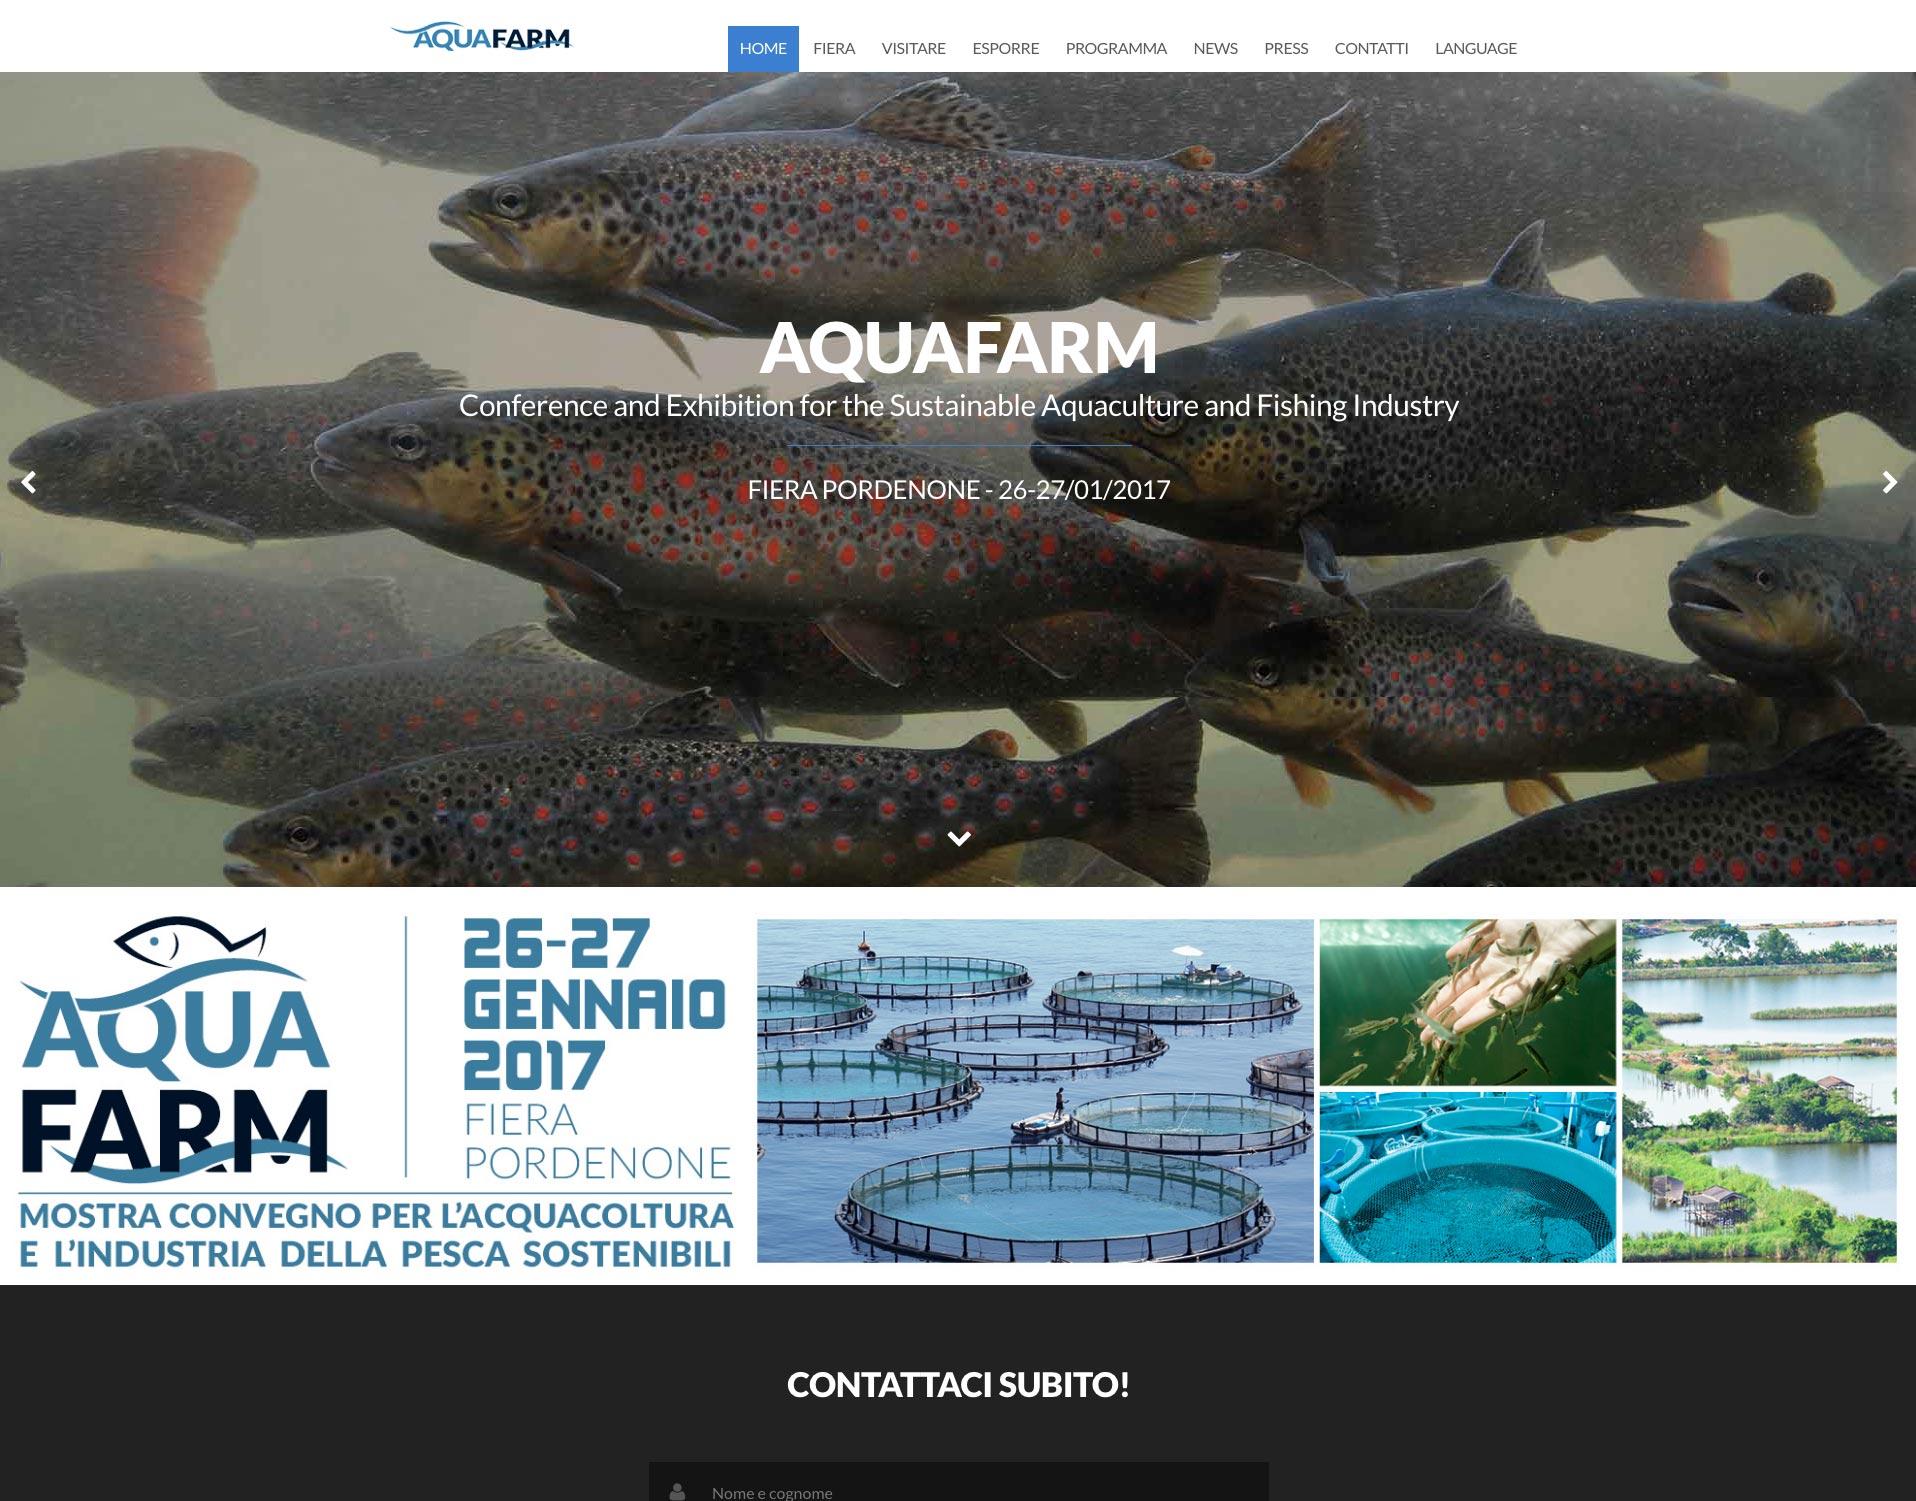 La schermata Home del sito web Acquafarm Show 2017